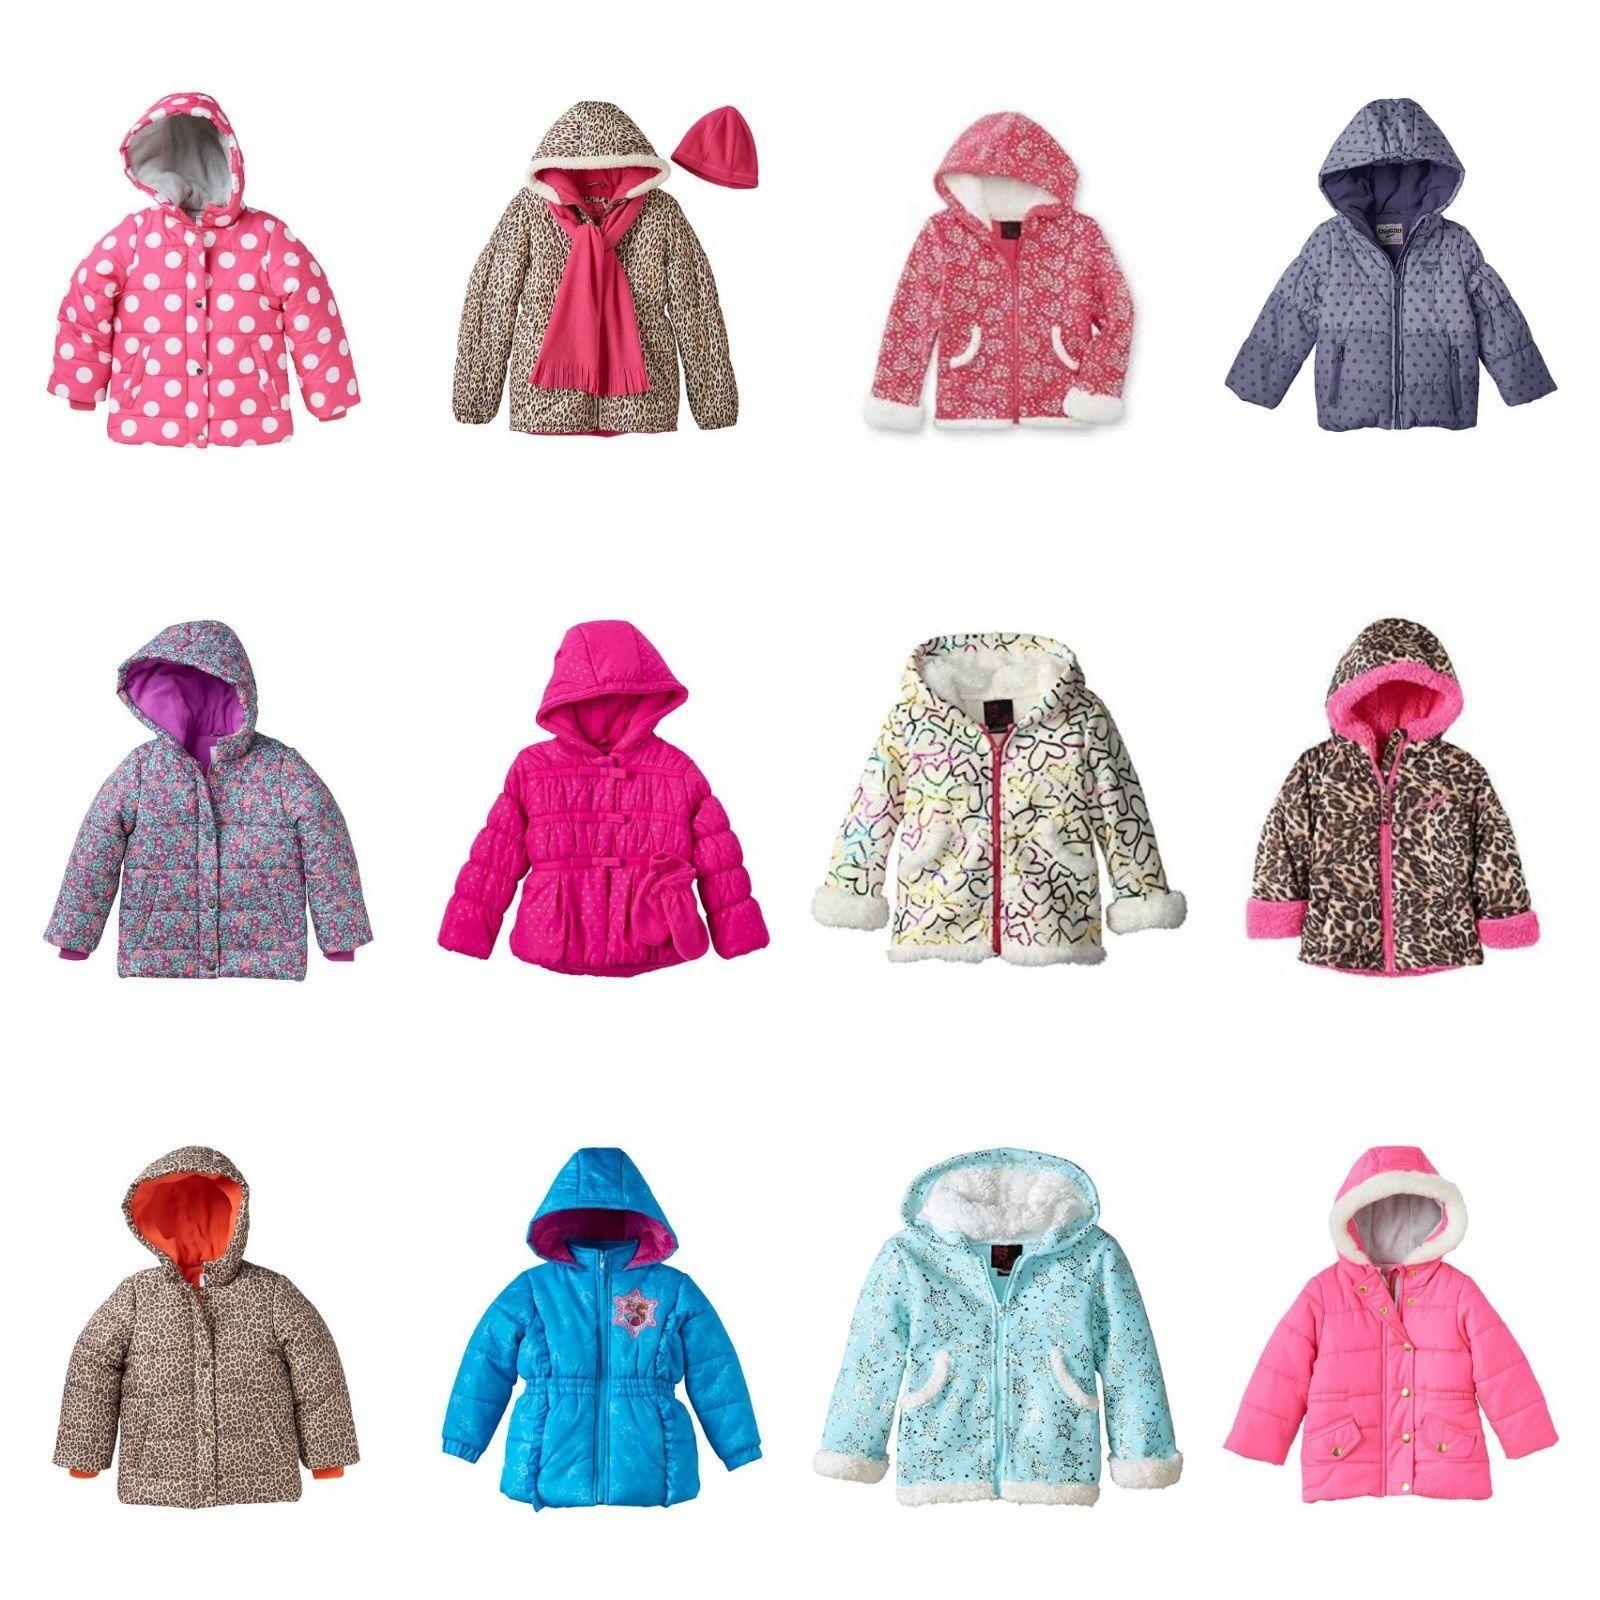 0ac454642ef7 NWT Toddler Girl Puffer Coat Jacket Oshkosh and 12 similar items